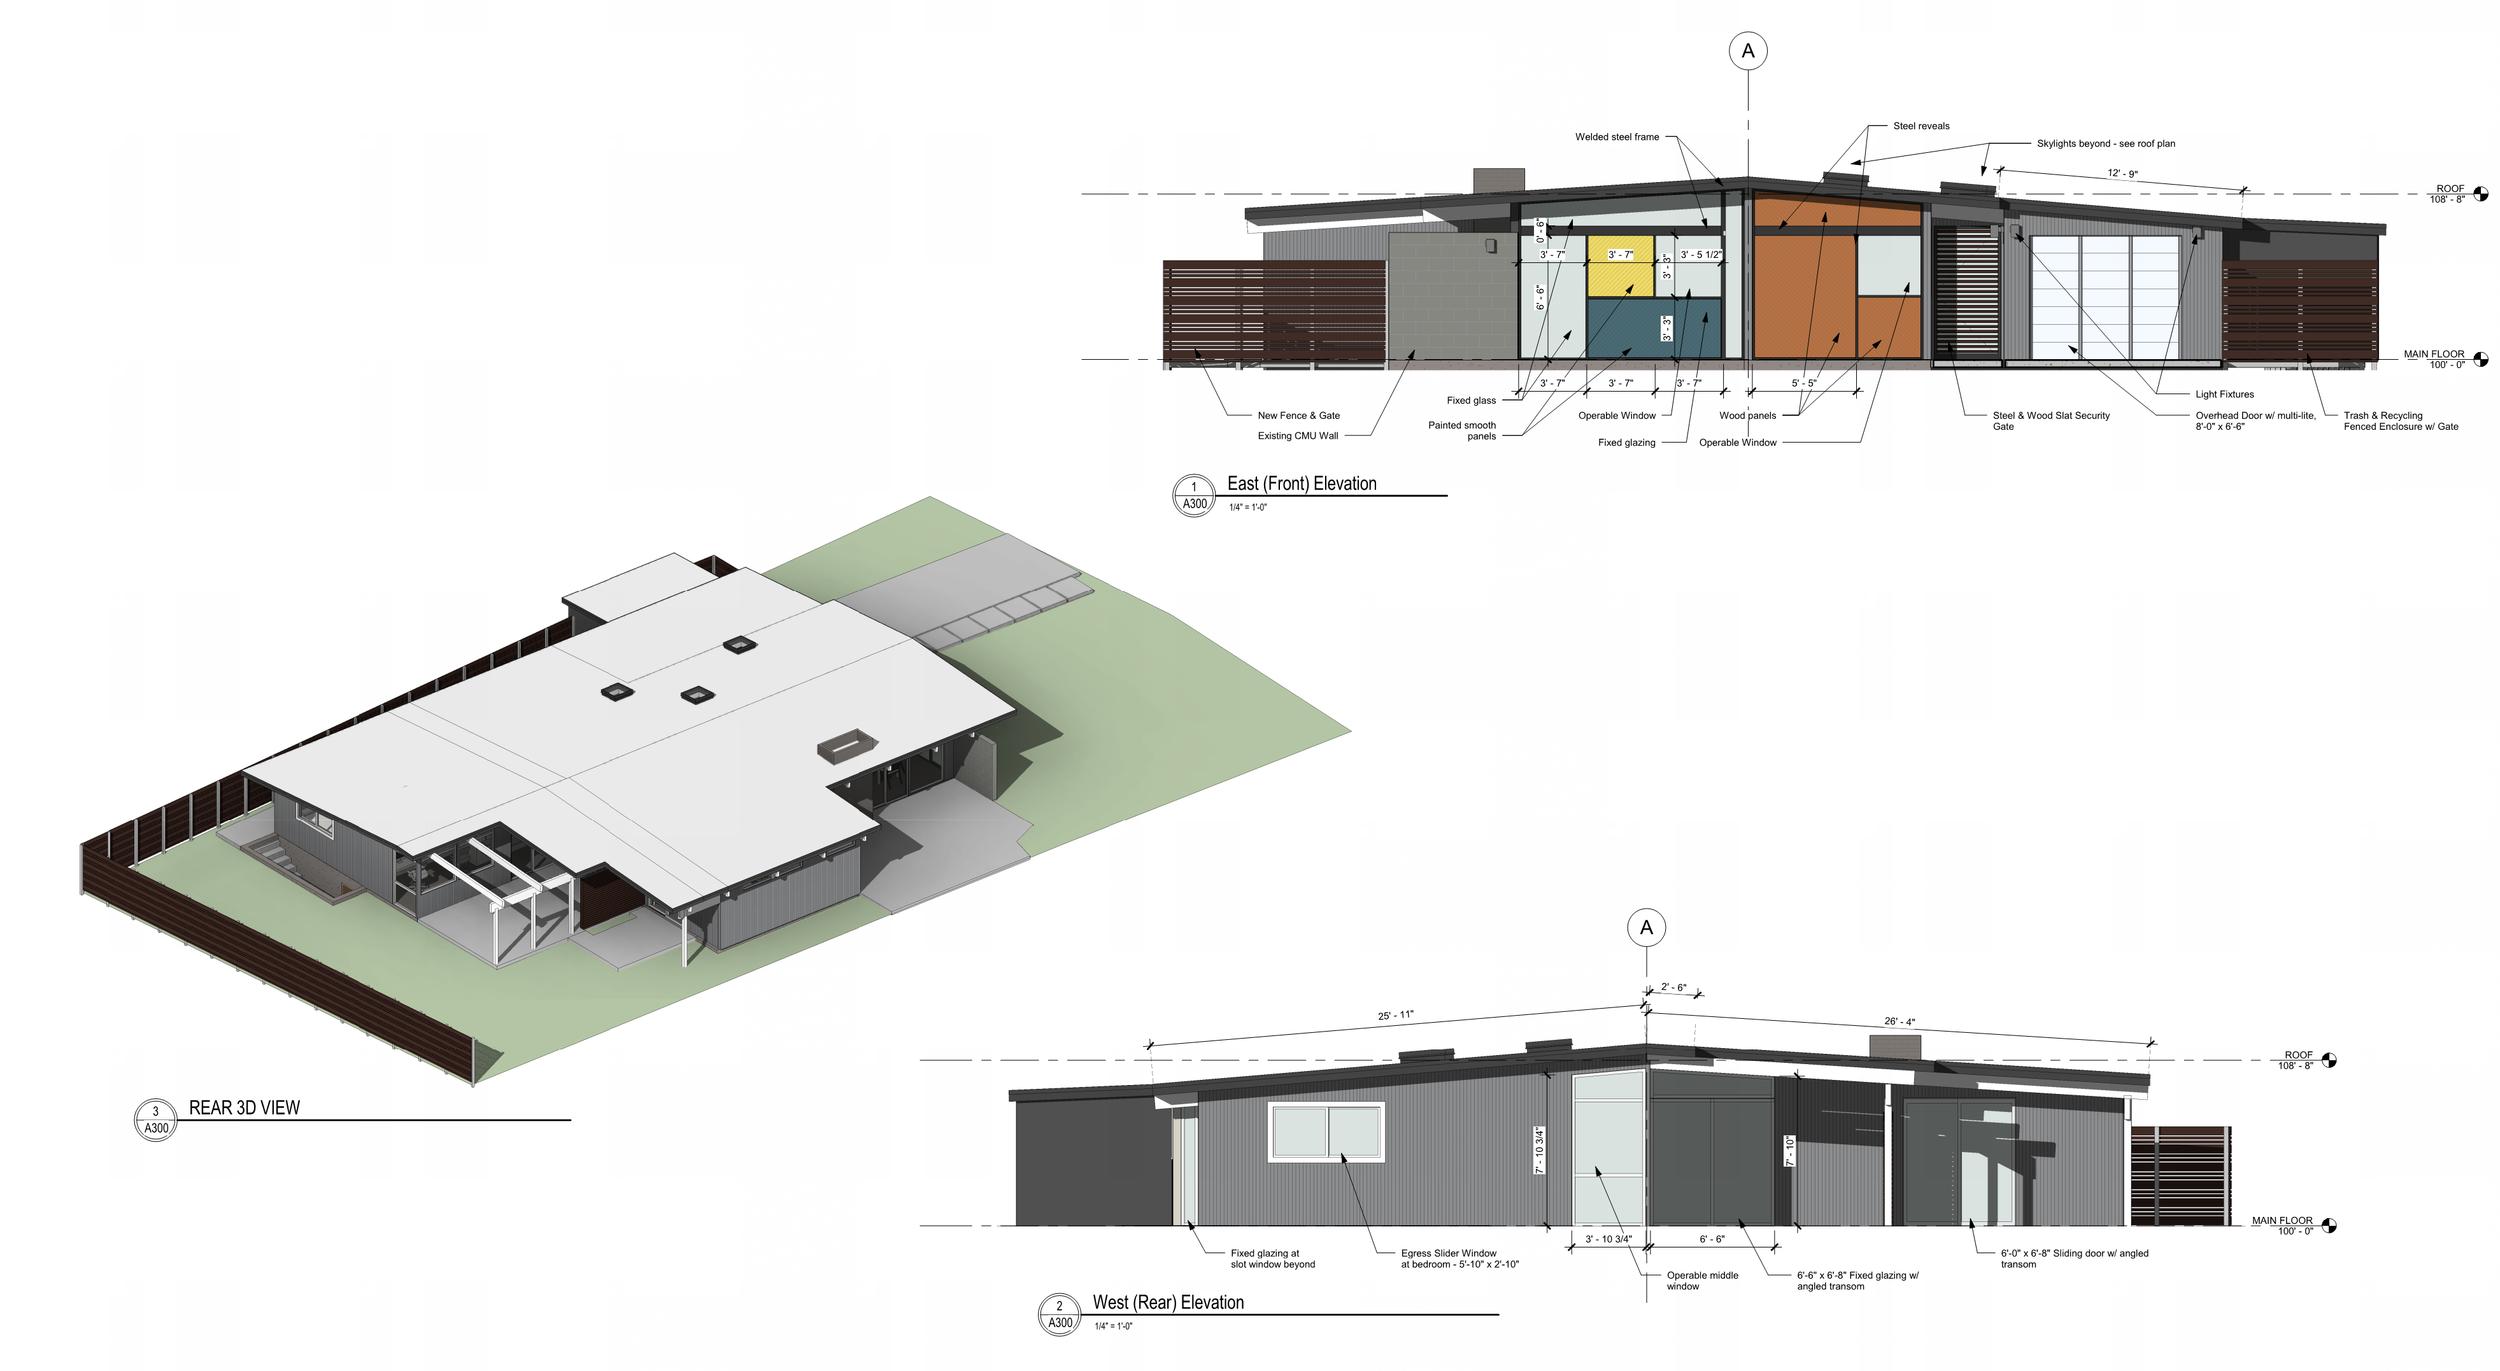 SFairfax-Draft Design Development Deisgn Elevations.png